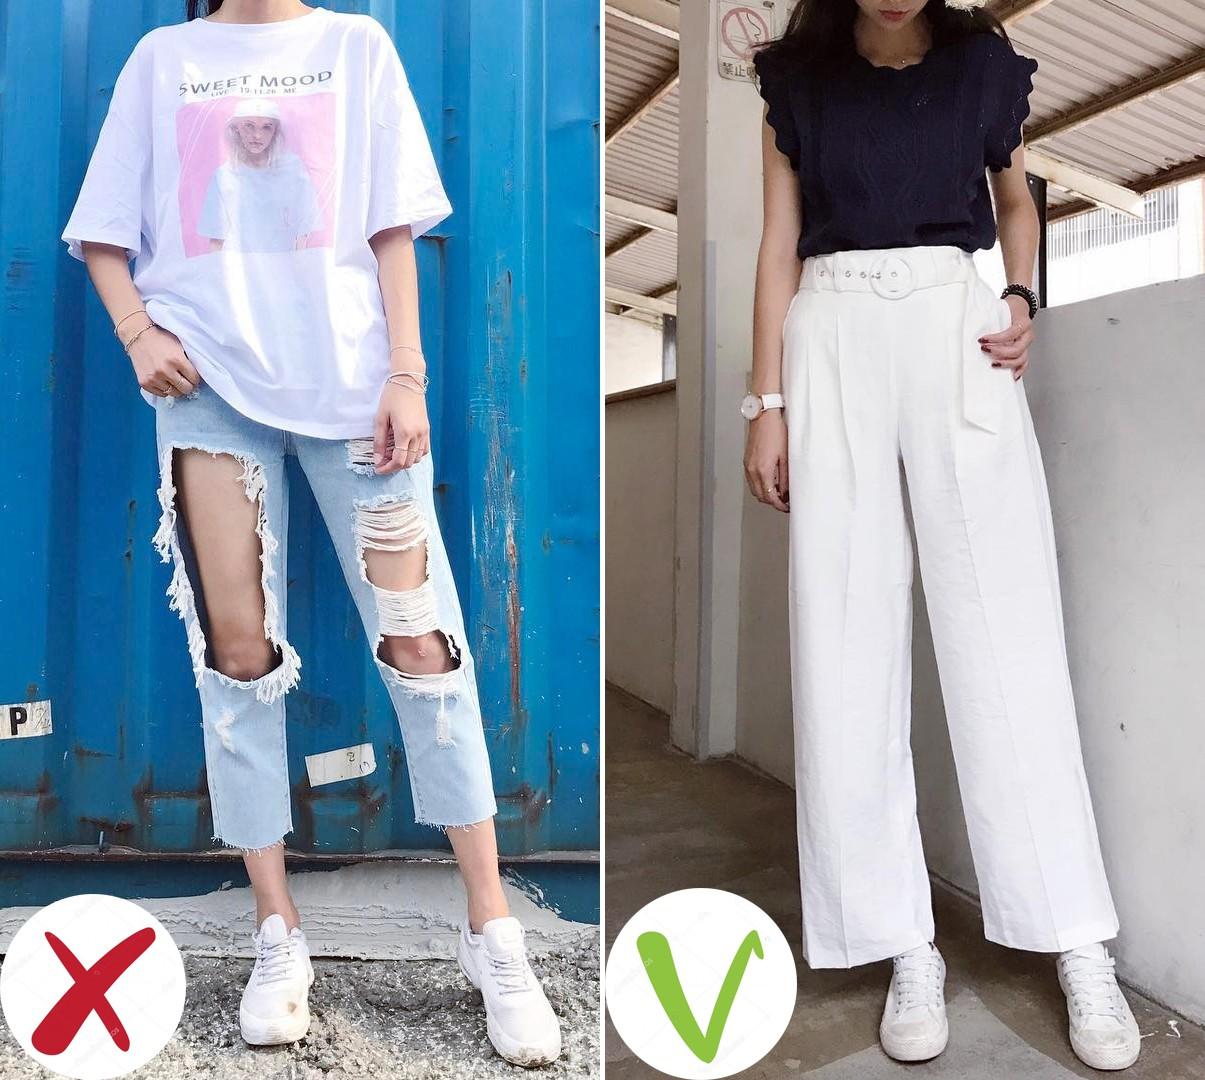 5 loại trang phục nên và không nên mặc tới công sở mà chị em nào cũng nên biết - Ảnh 5.